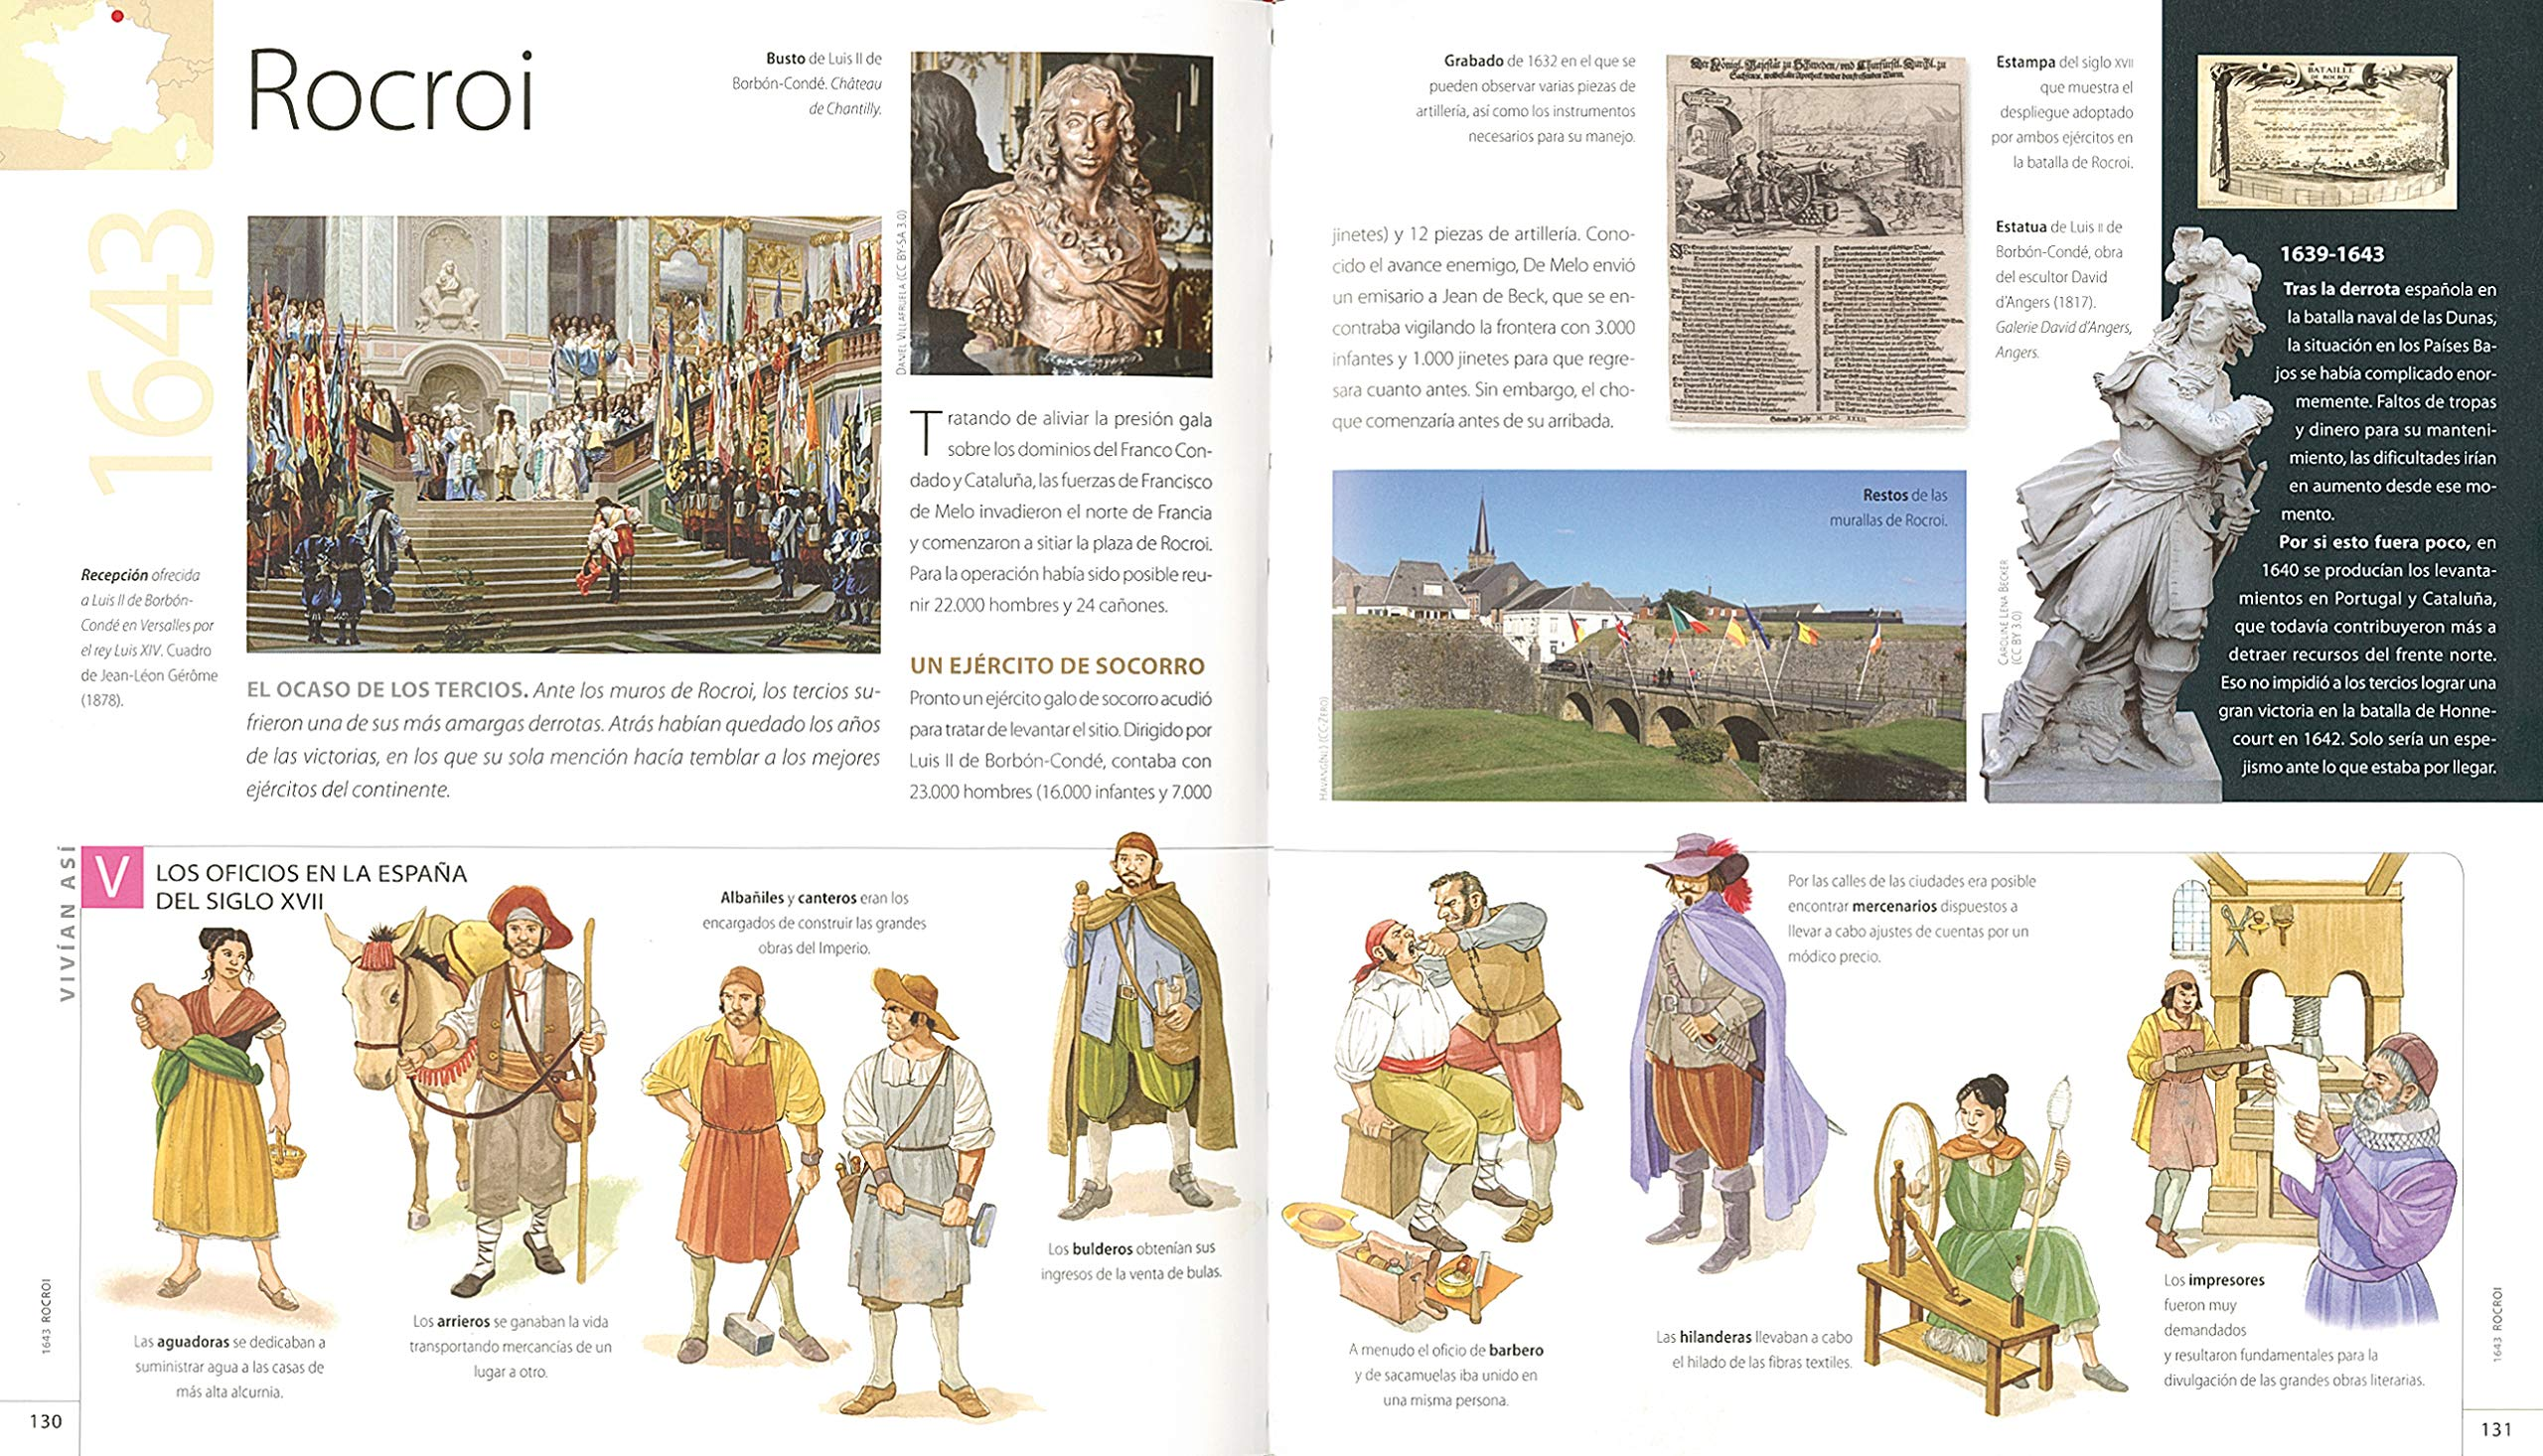 España. El Imperio Donde No Se pone El Sol Atlas Ilustrado: Amazon.es: Sáez Abad, Rubén, Fernández, Carlos: Libros